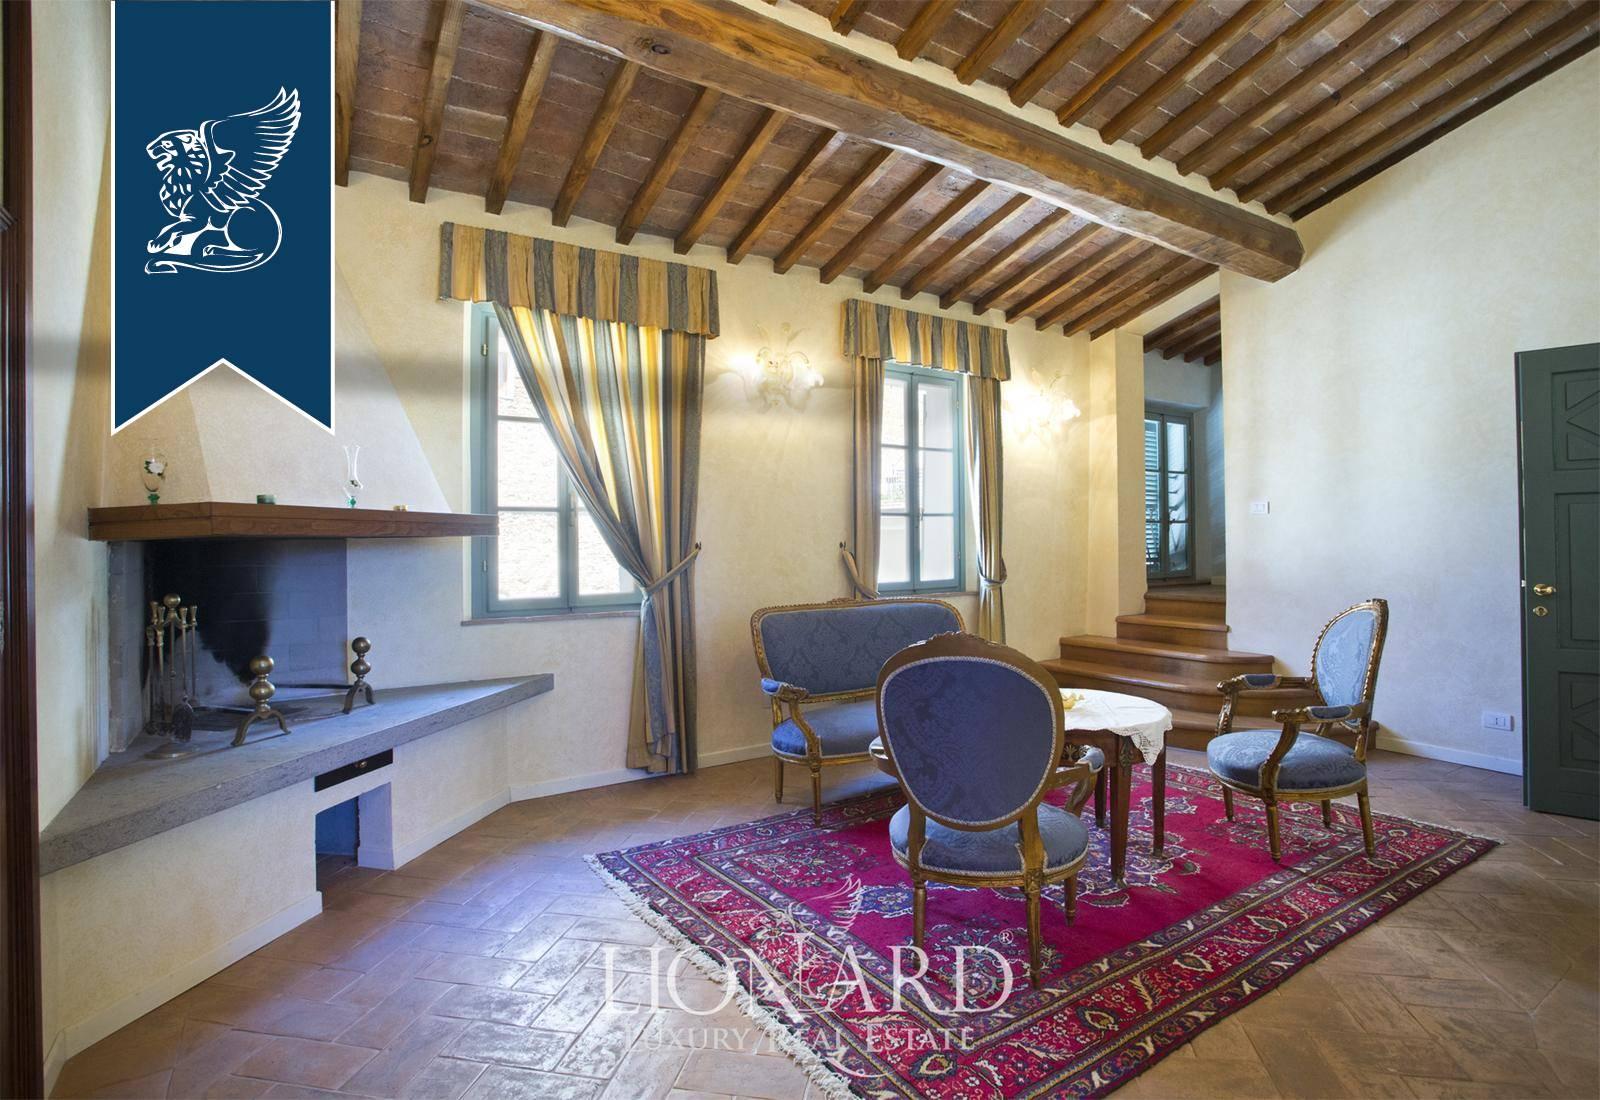 Palazzo in Vendita a Chianciano Terme: 0 locali, 600 mq - Foto 3